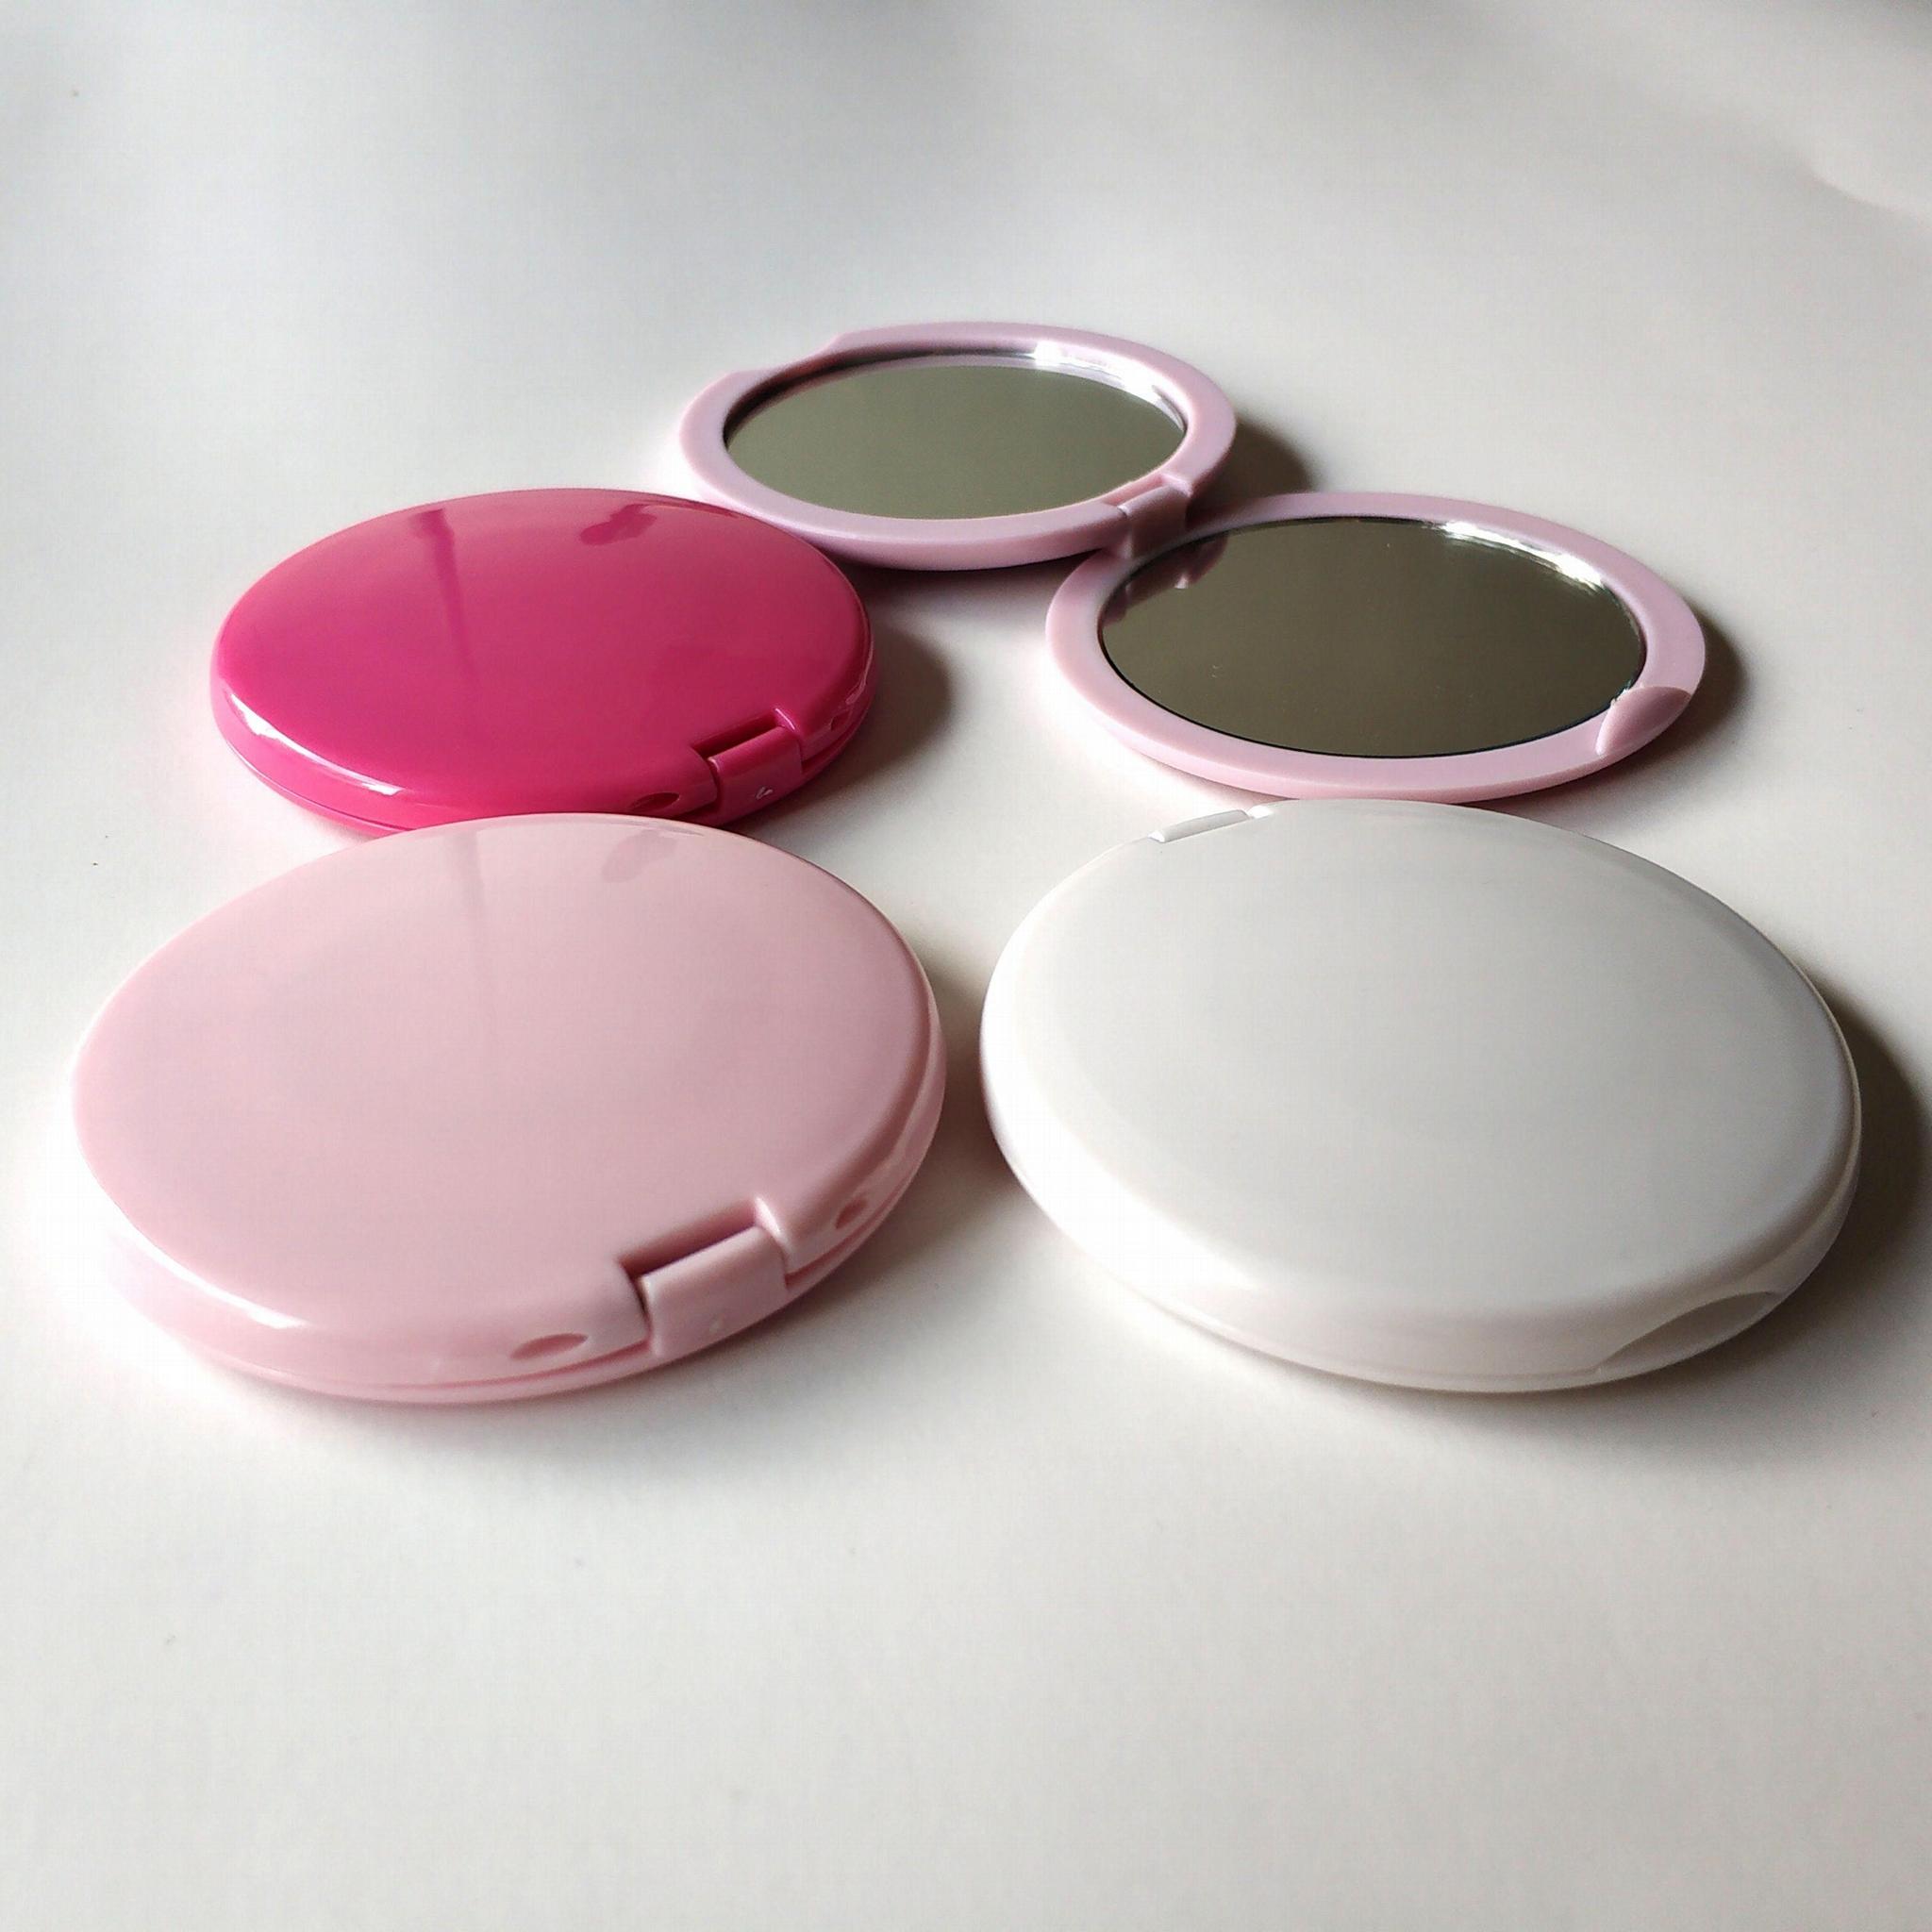 ABS双面磁扣广告镜塑料口袋镜 5